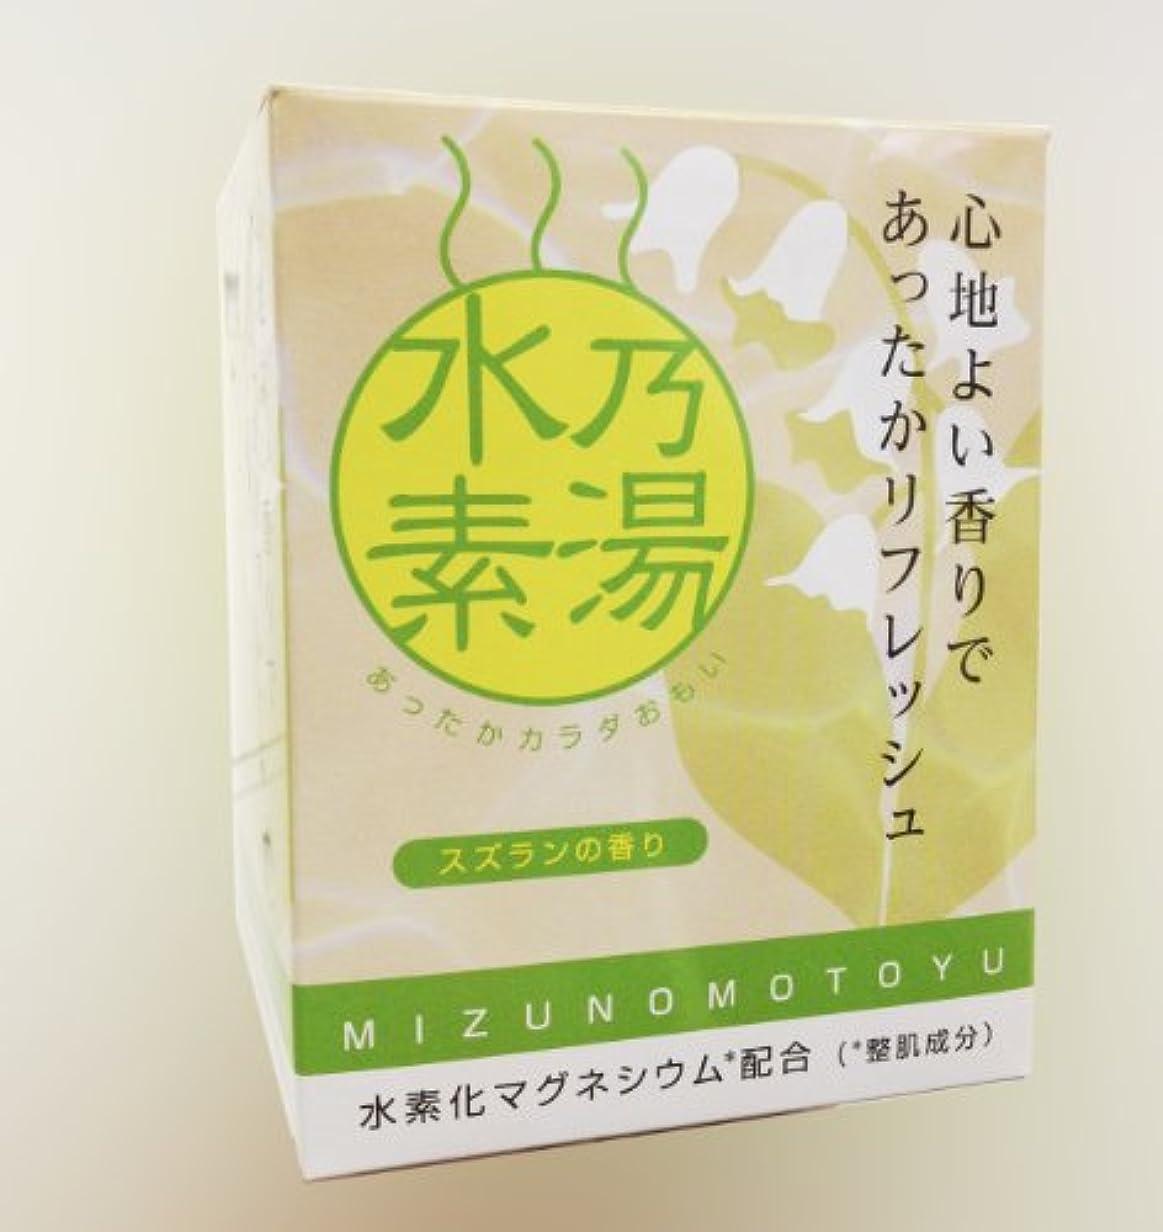 繕う埋め込む苛性水乃素湯 水素化マグネシウムを使った入浴化粧料